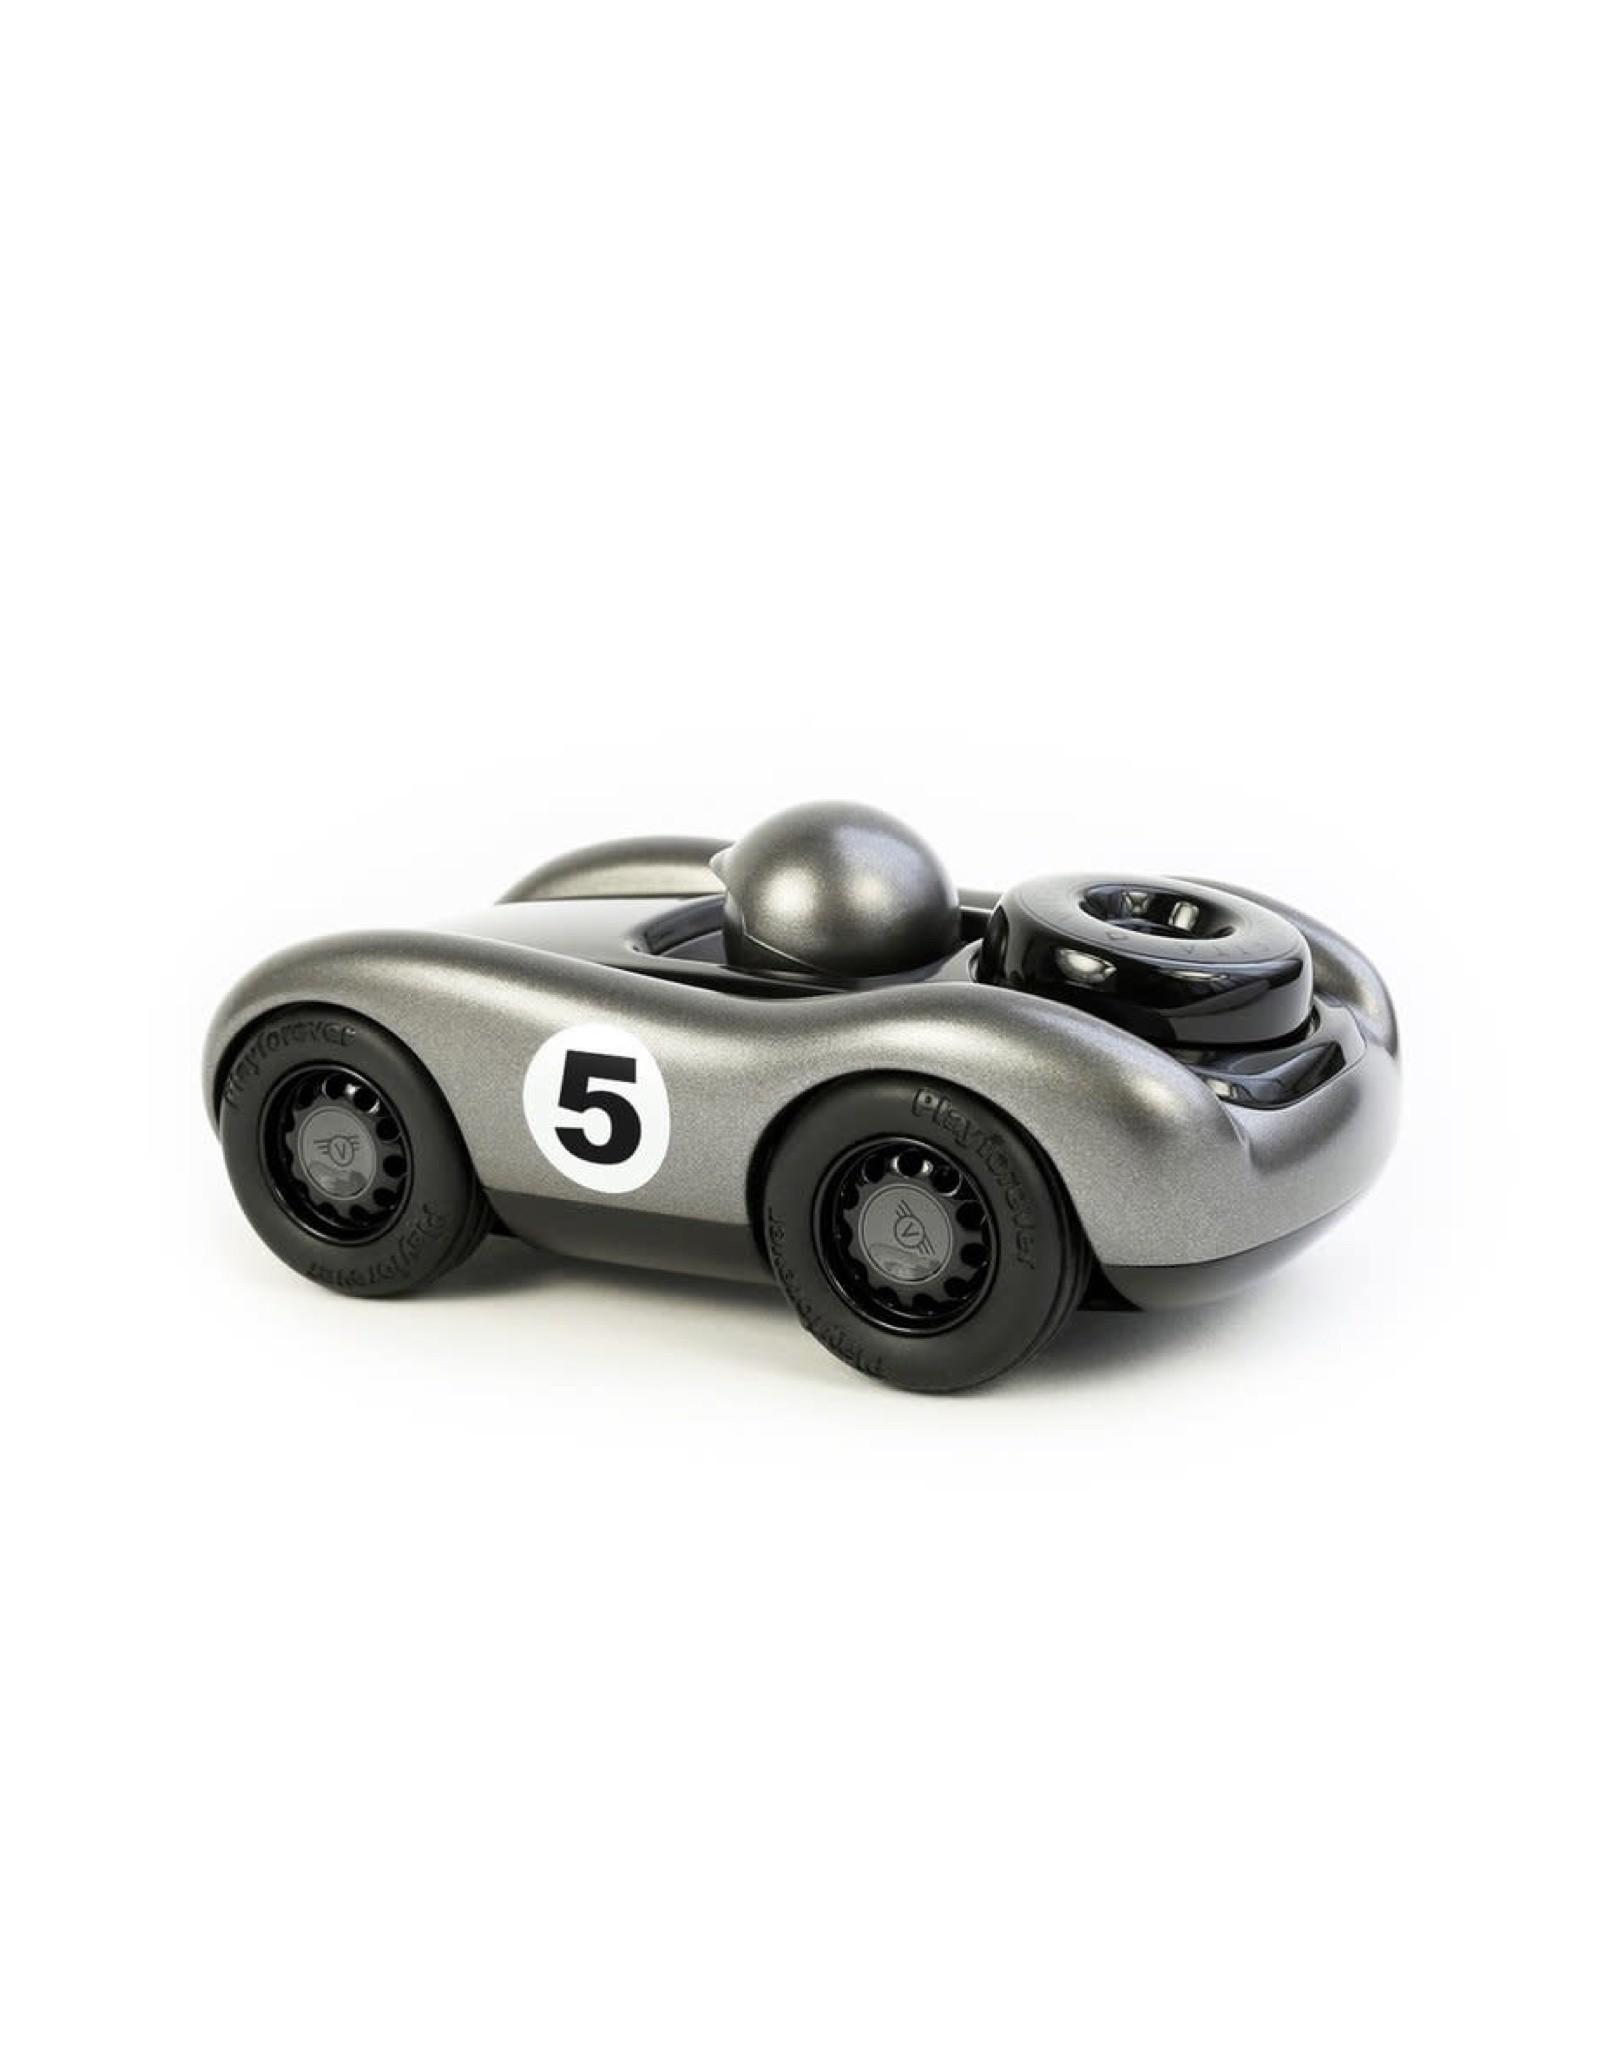 Playforever Viglietta Cars # 5